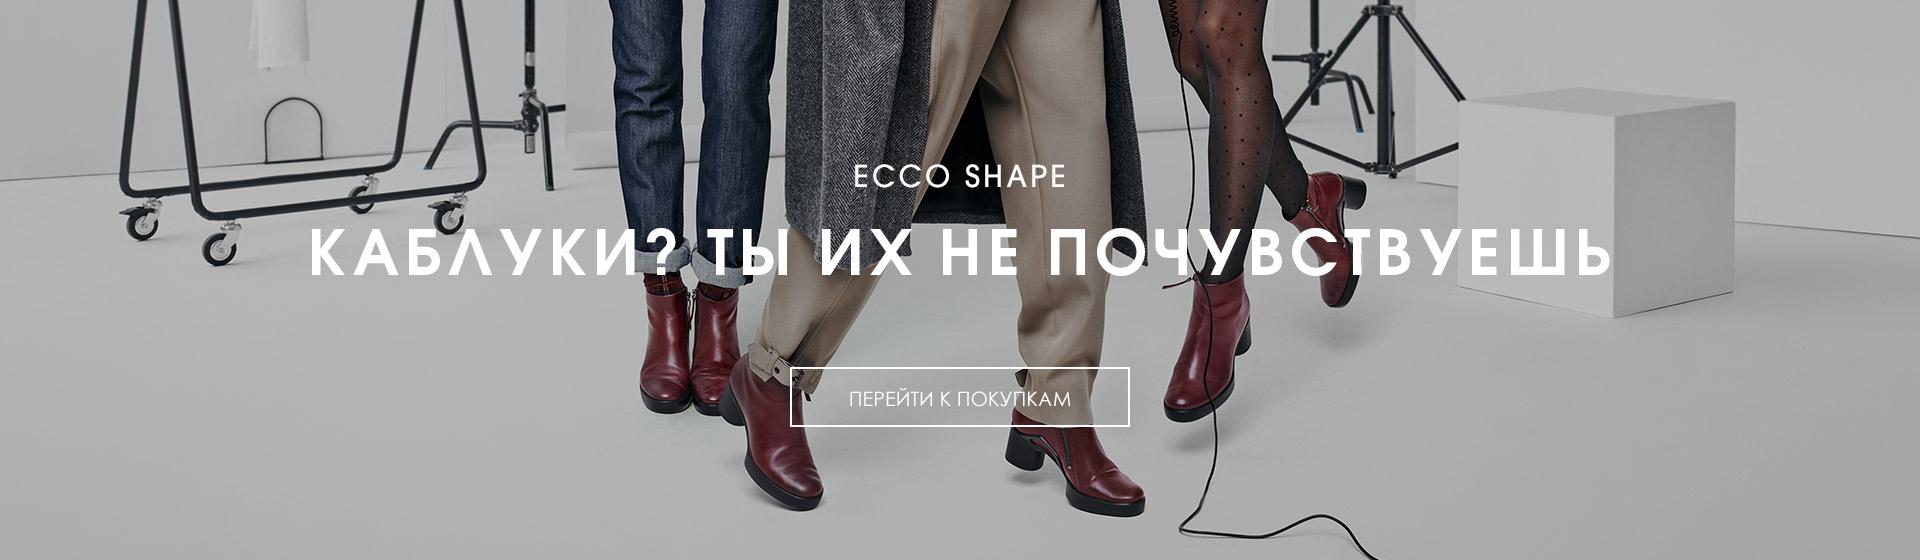 ECCO SHAPE